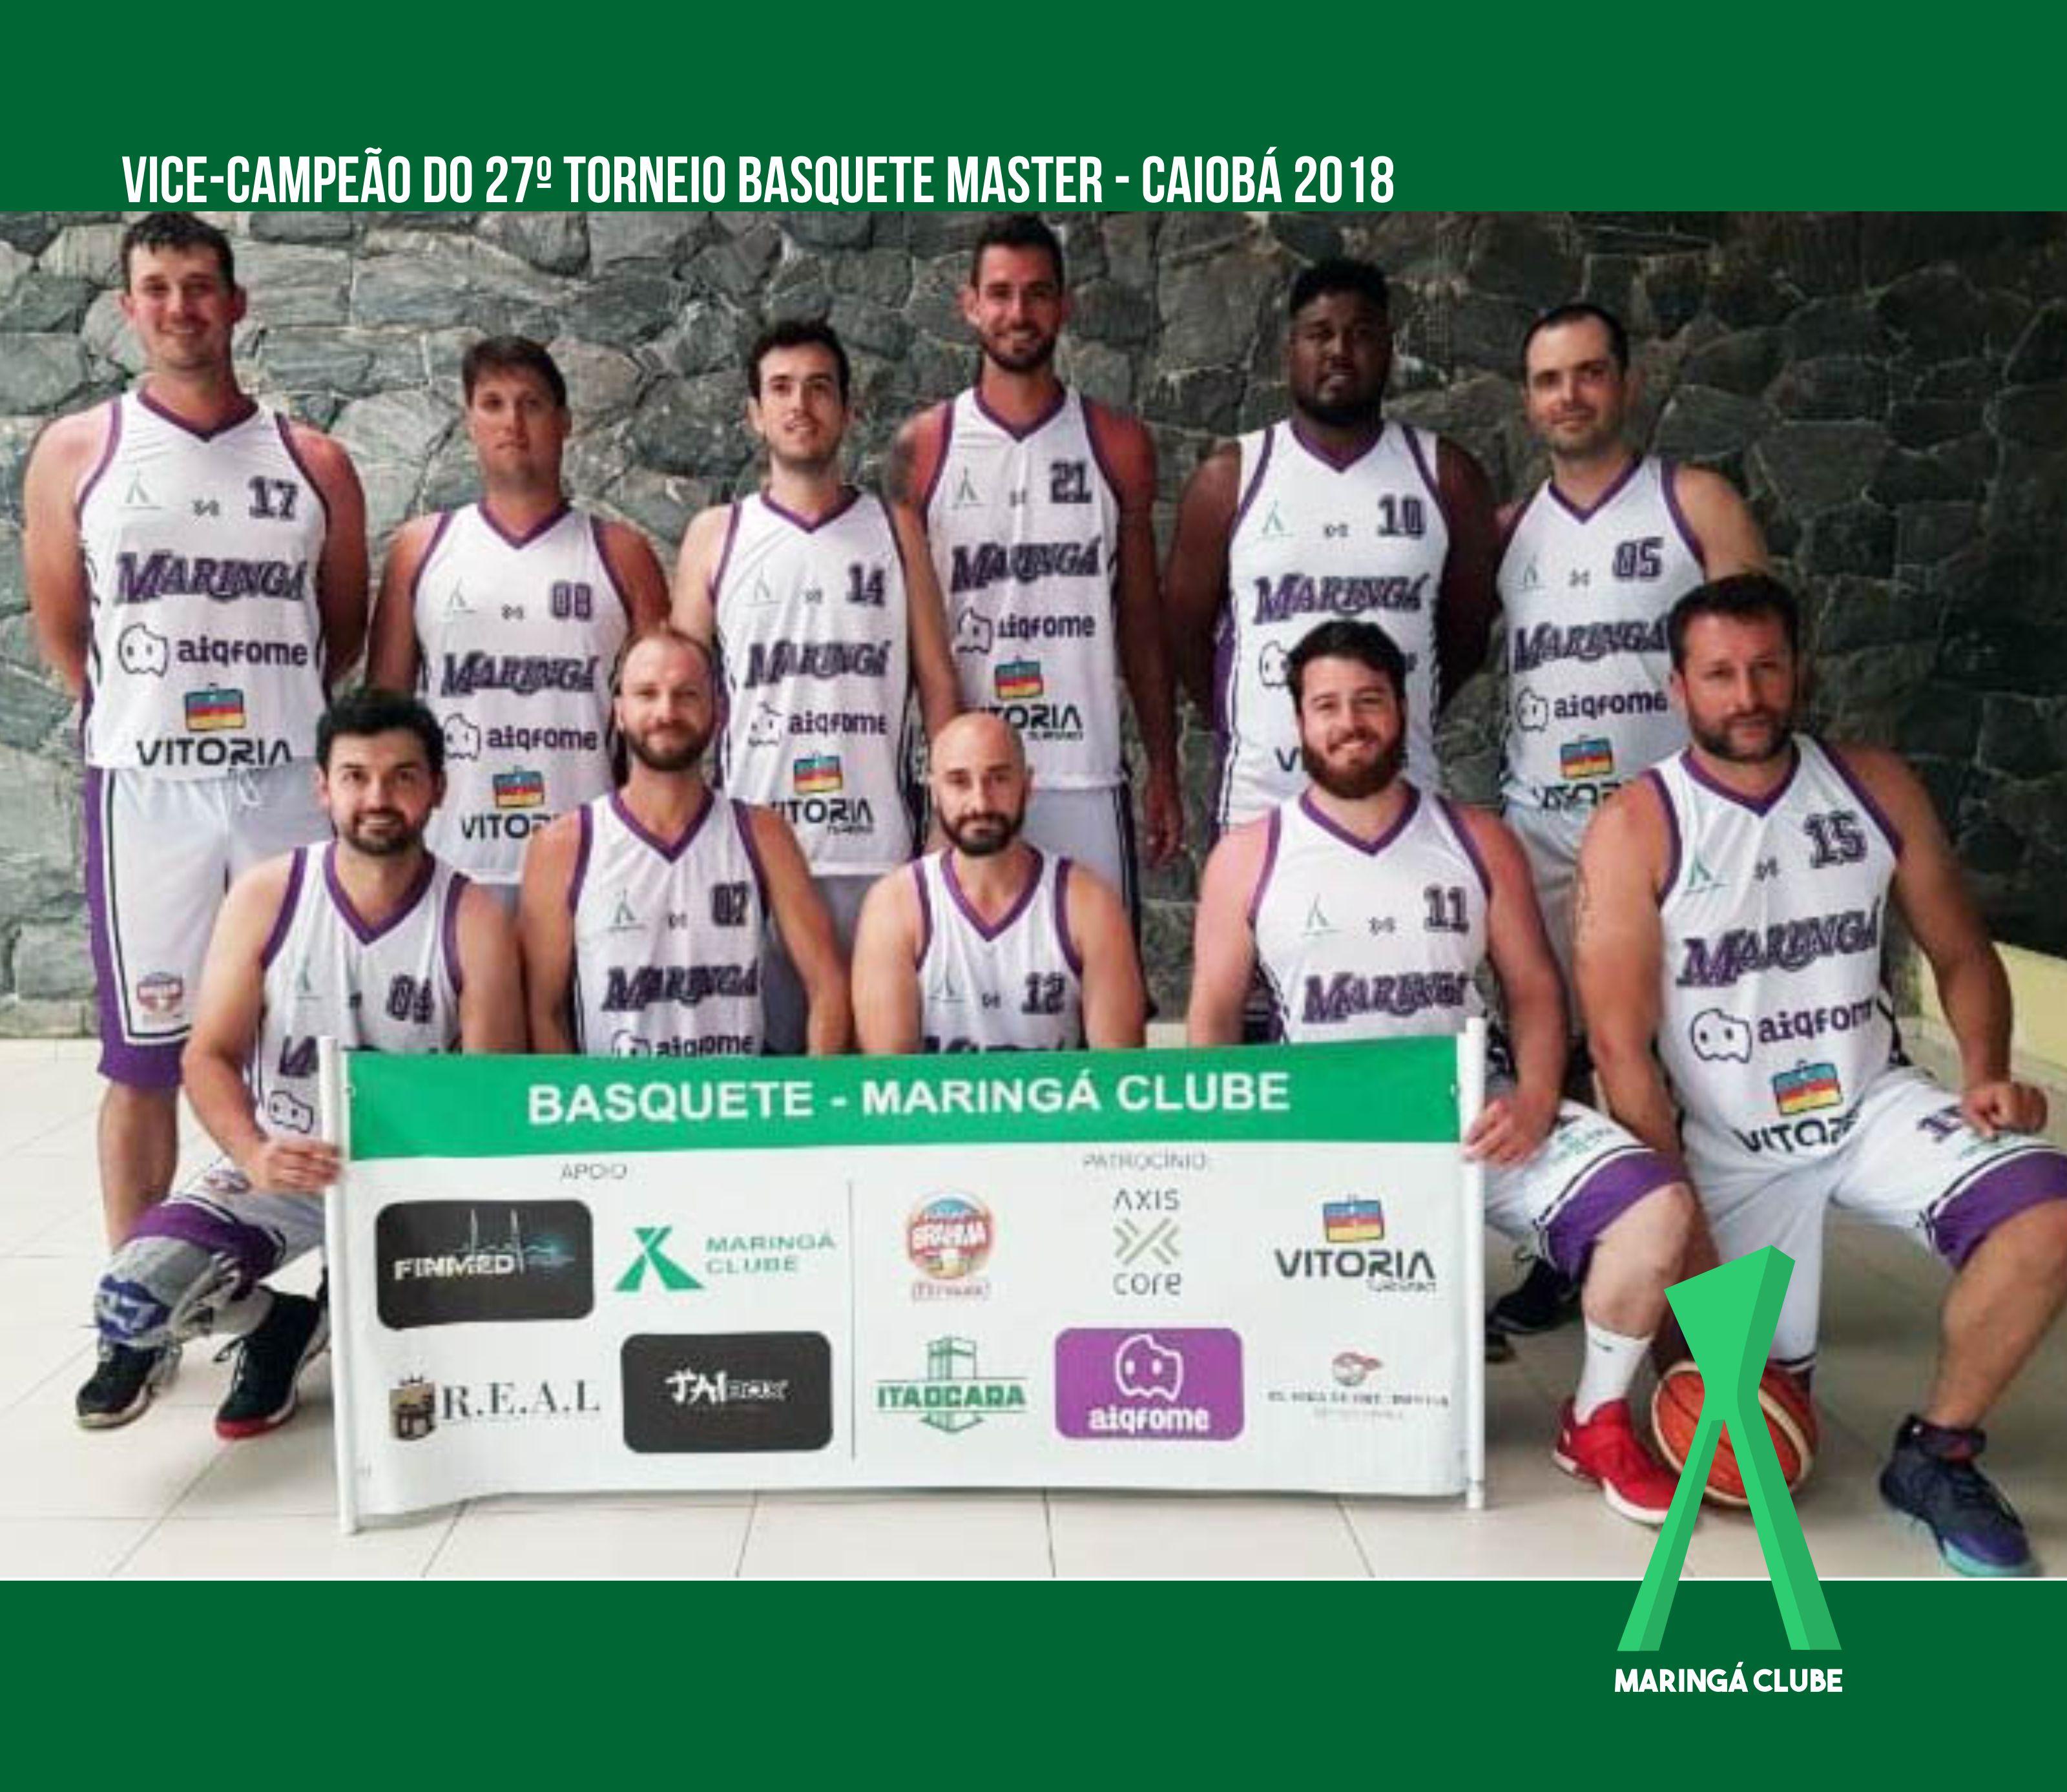 basquete 1a g